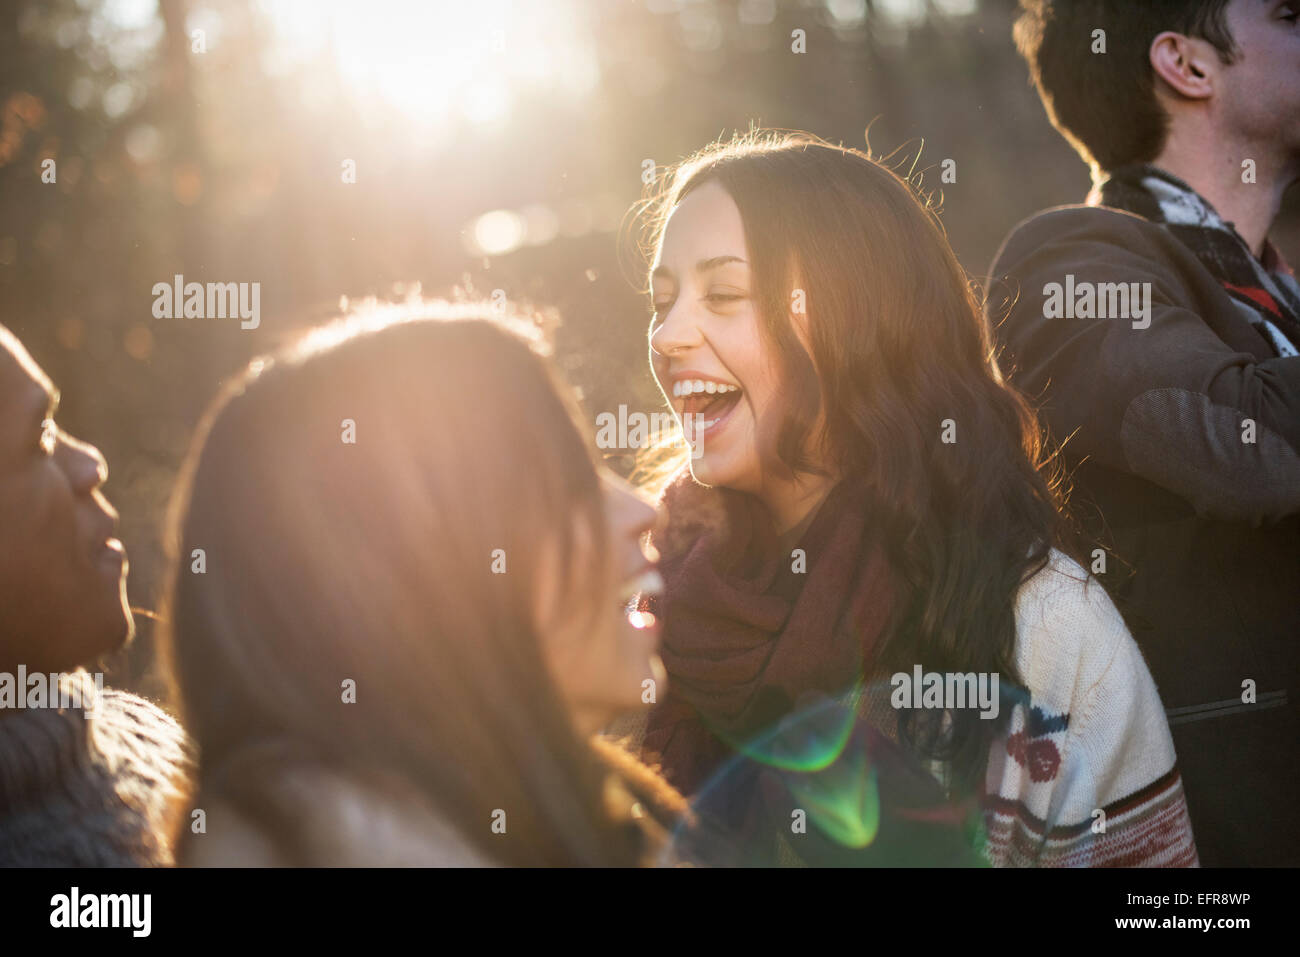 Grupo de Amigos sonrientes de pie en un bosque de sol en otoño. Imagen De Stock